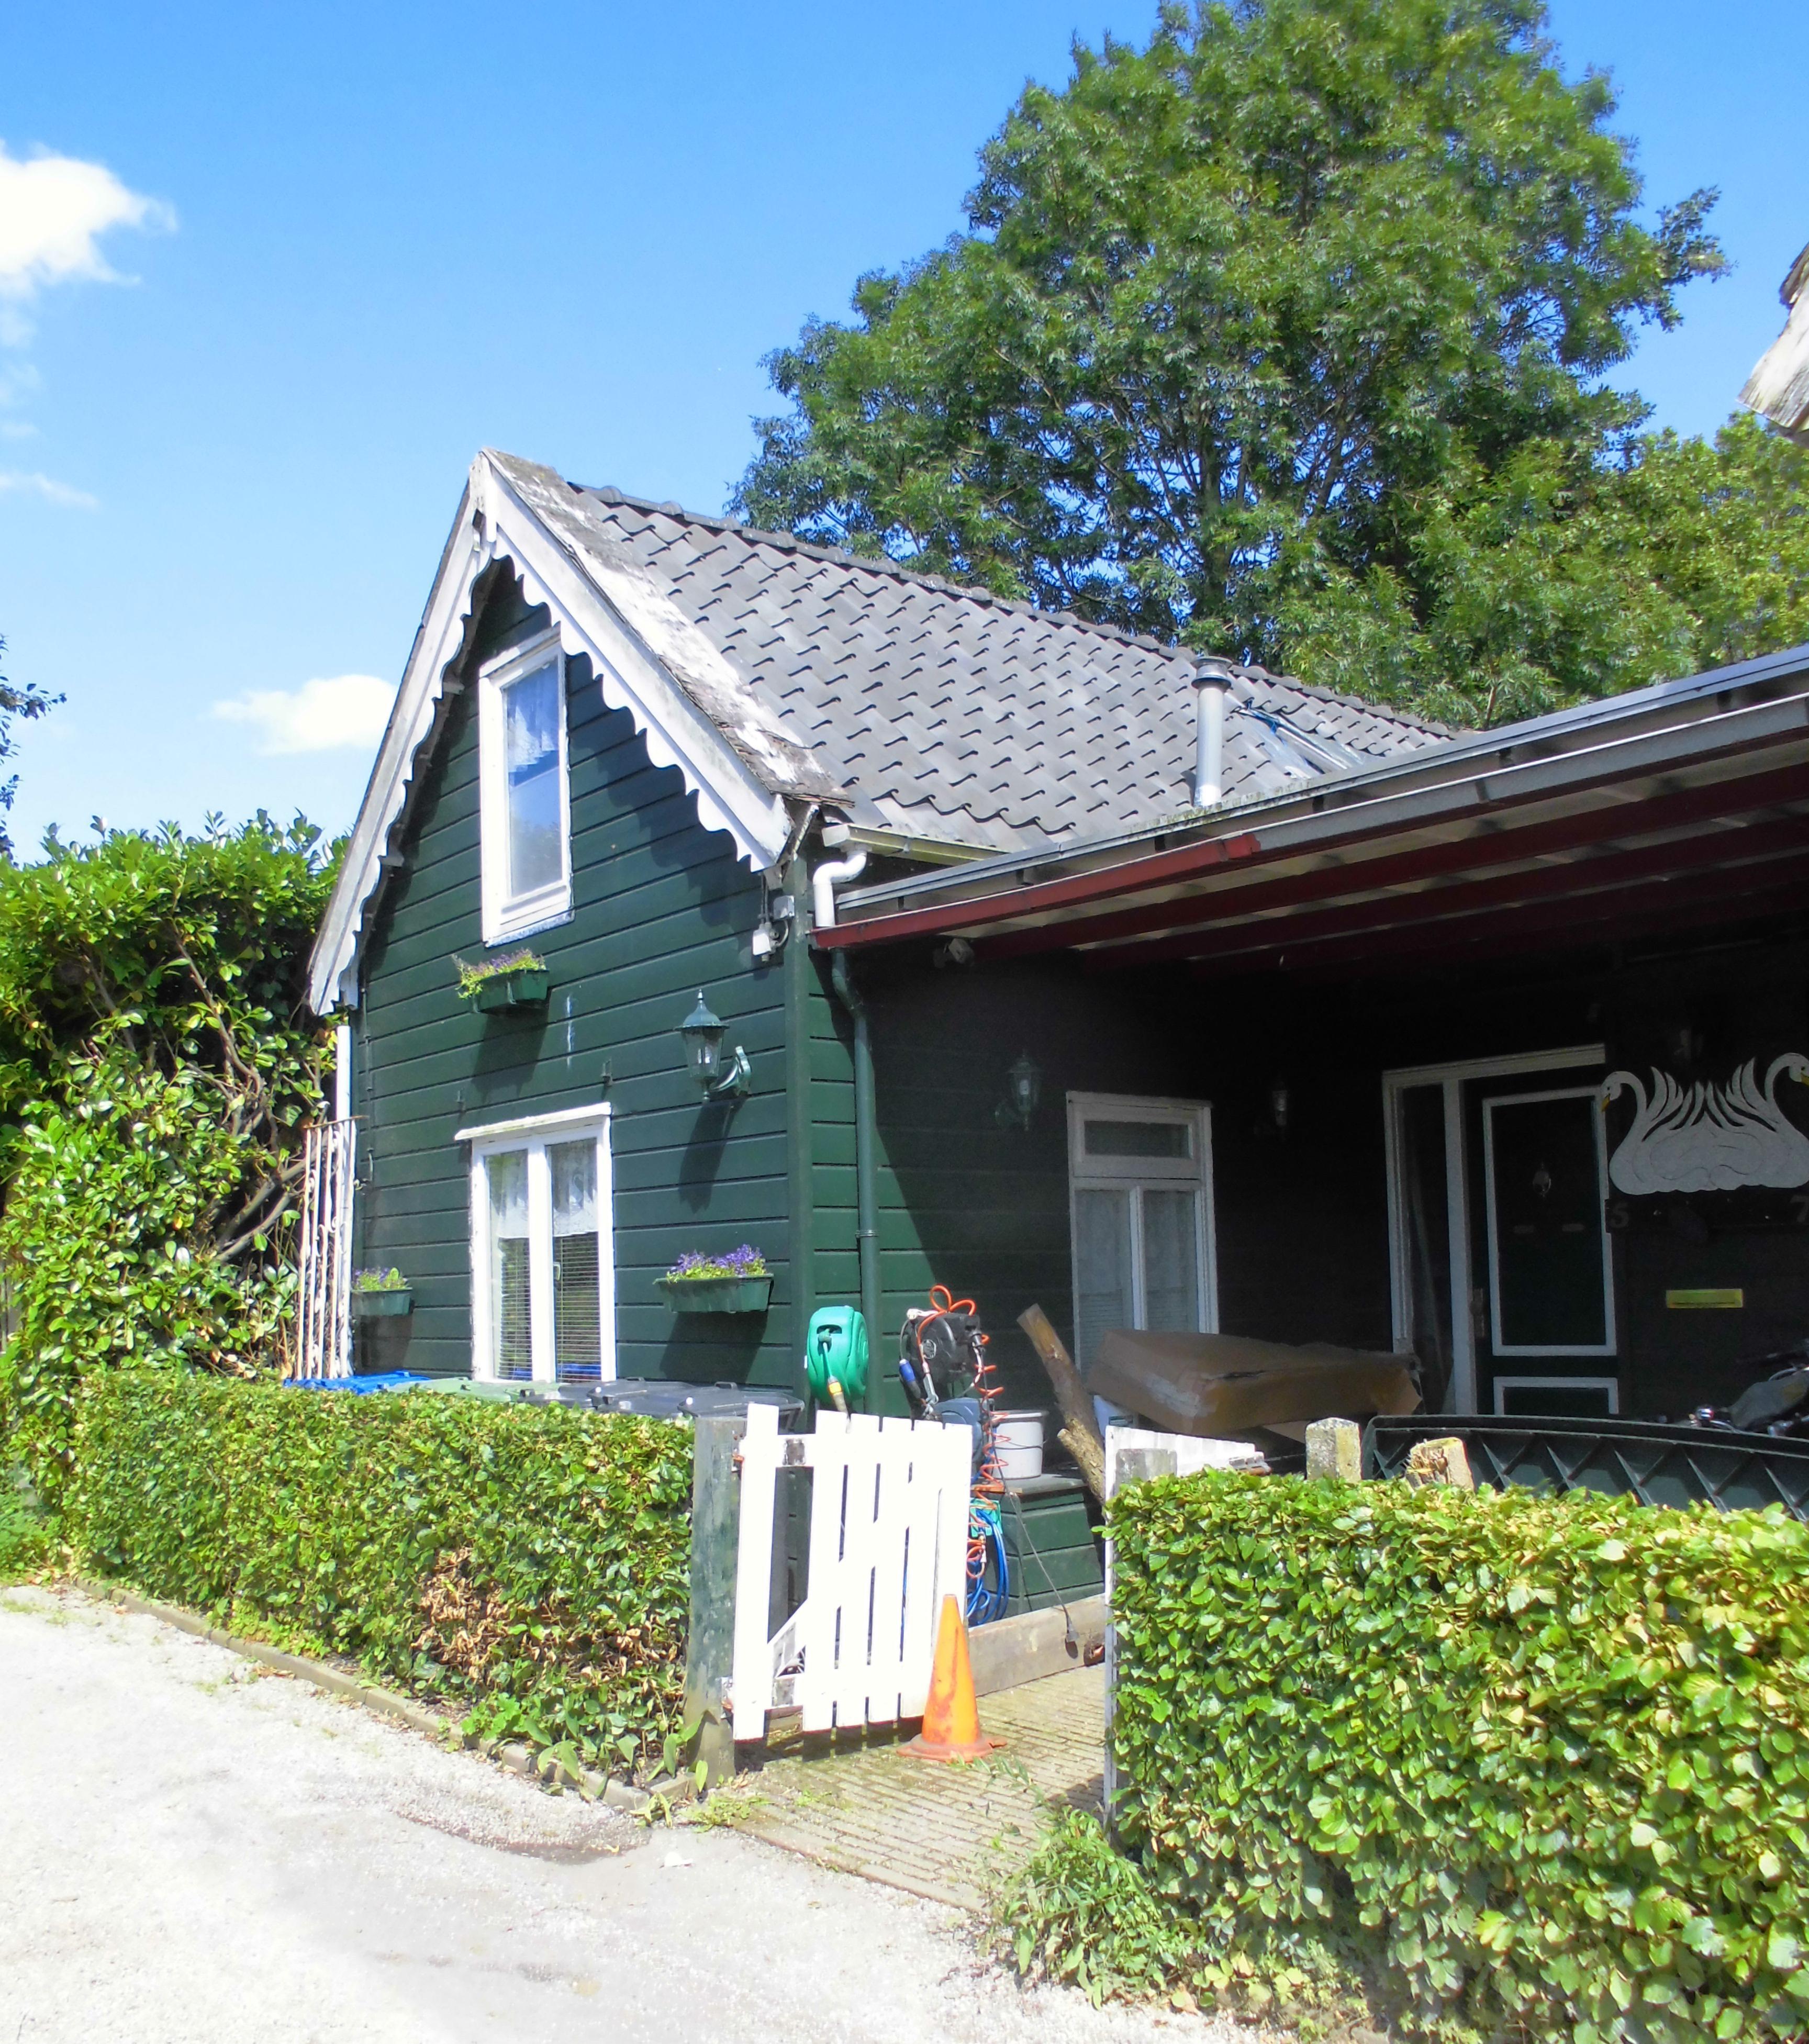 Houten huis met zolderverdieping onder mansardekap in weesp monument - Houten huis ...